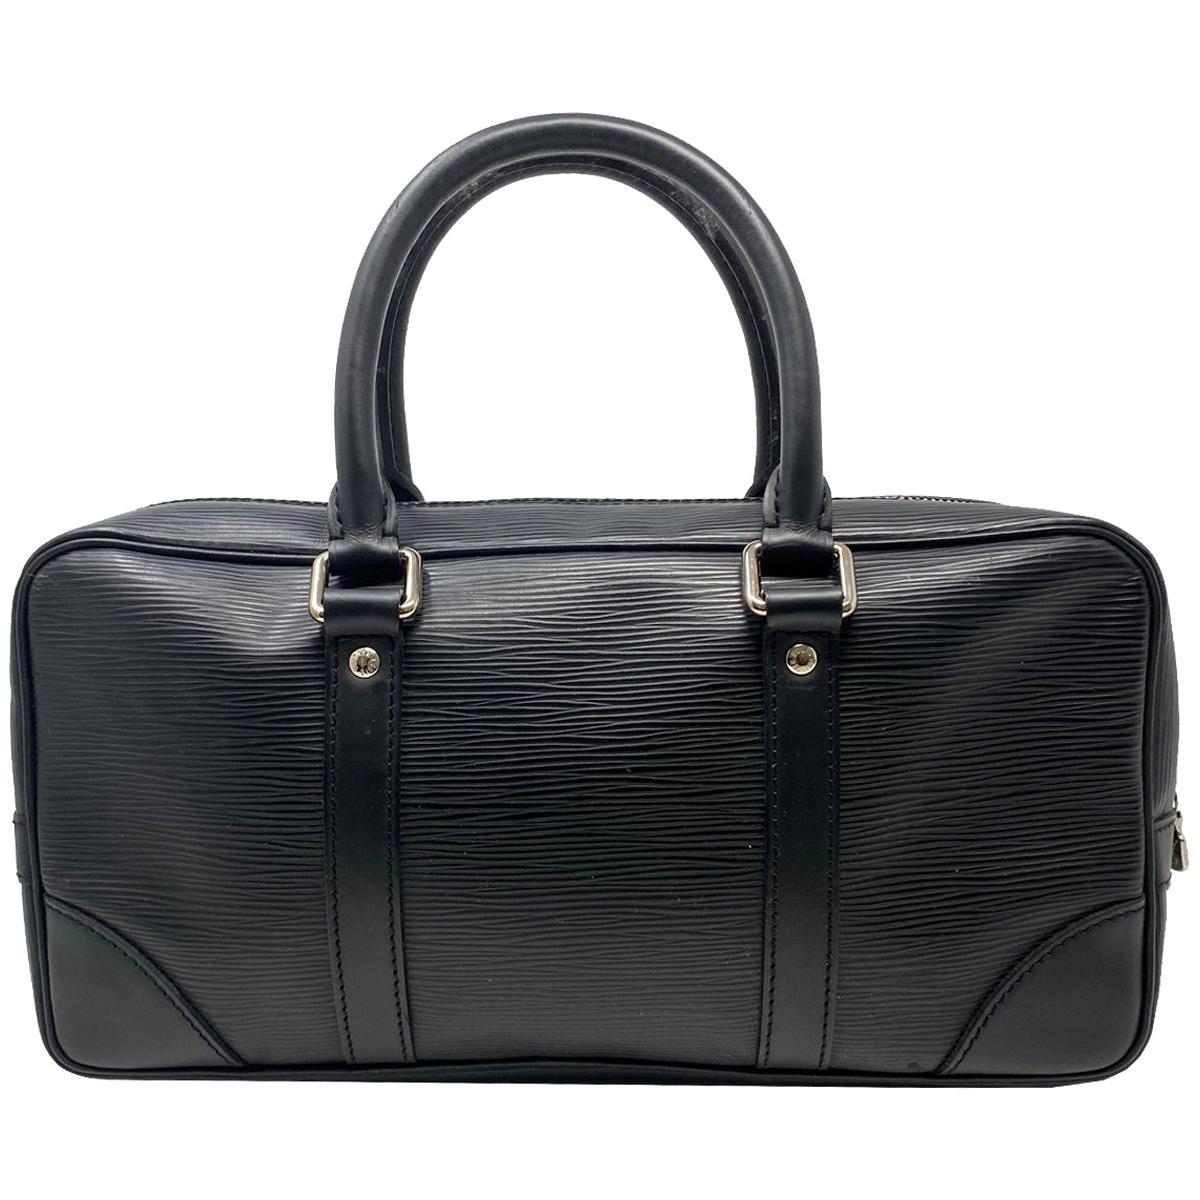 Louis Vuitton Epi Leather Vivienne Black Handbag